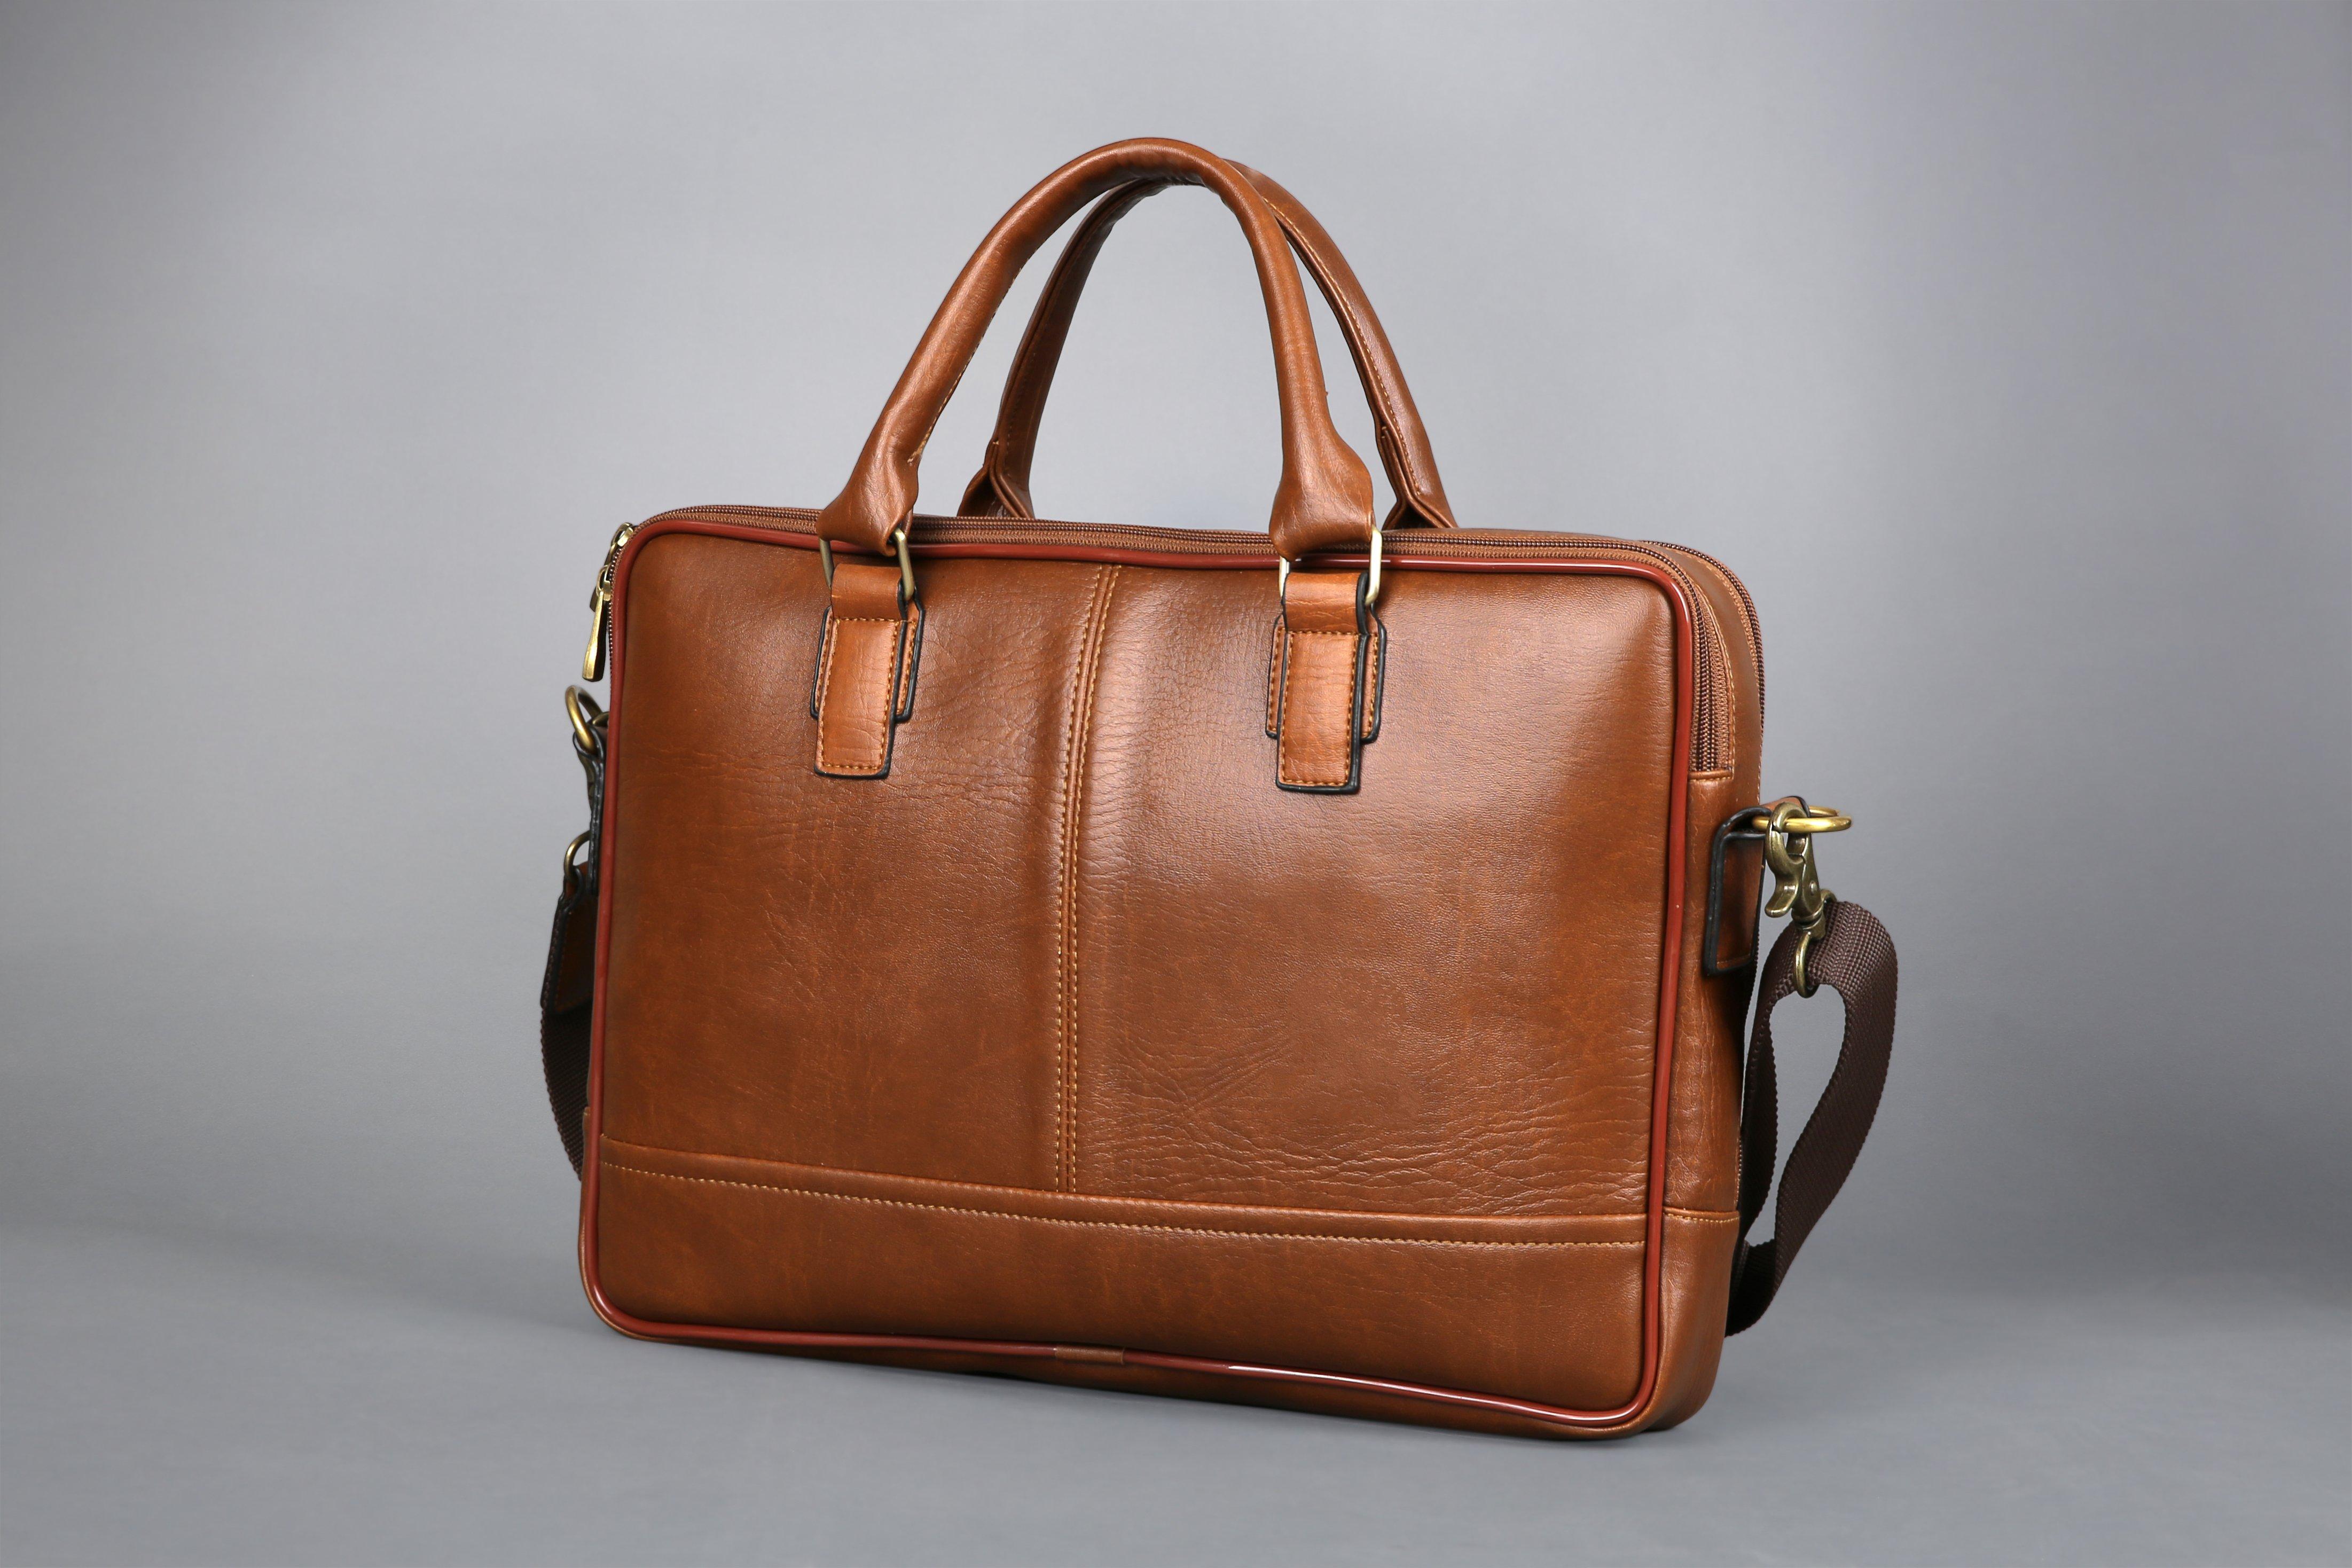 Túi xách da công sở thời trang hàng hiệu DS05 đẳng cấp quý ông